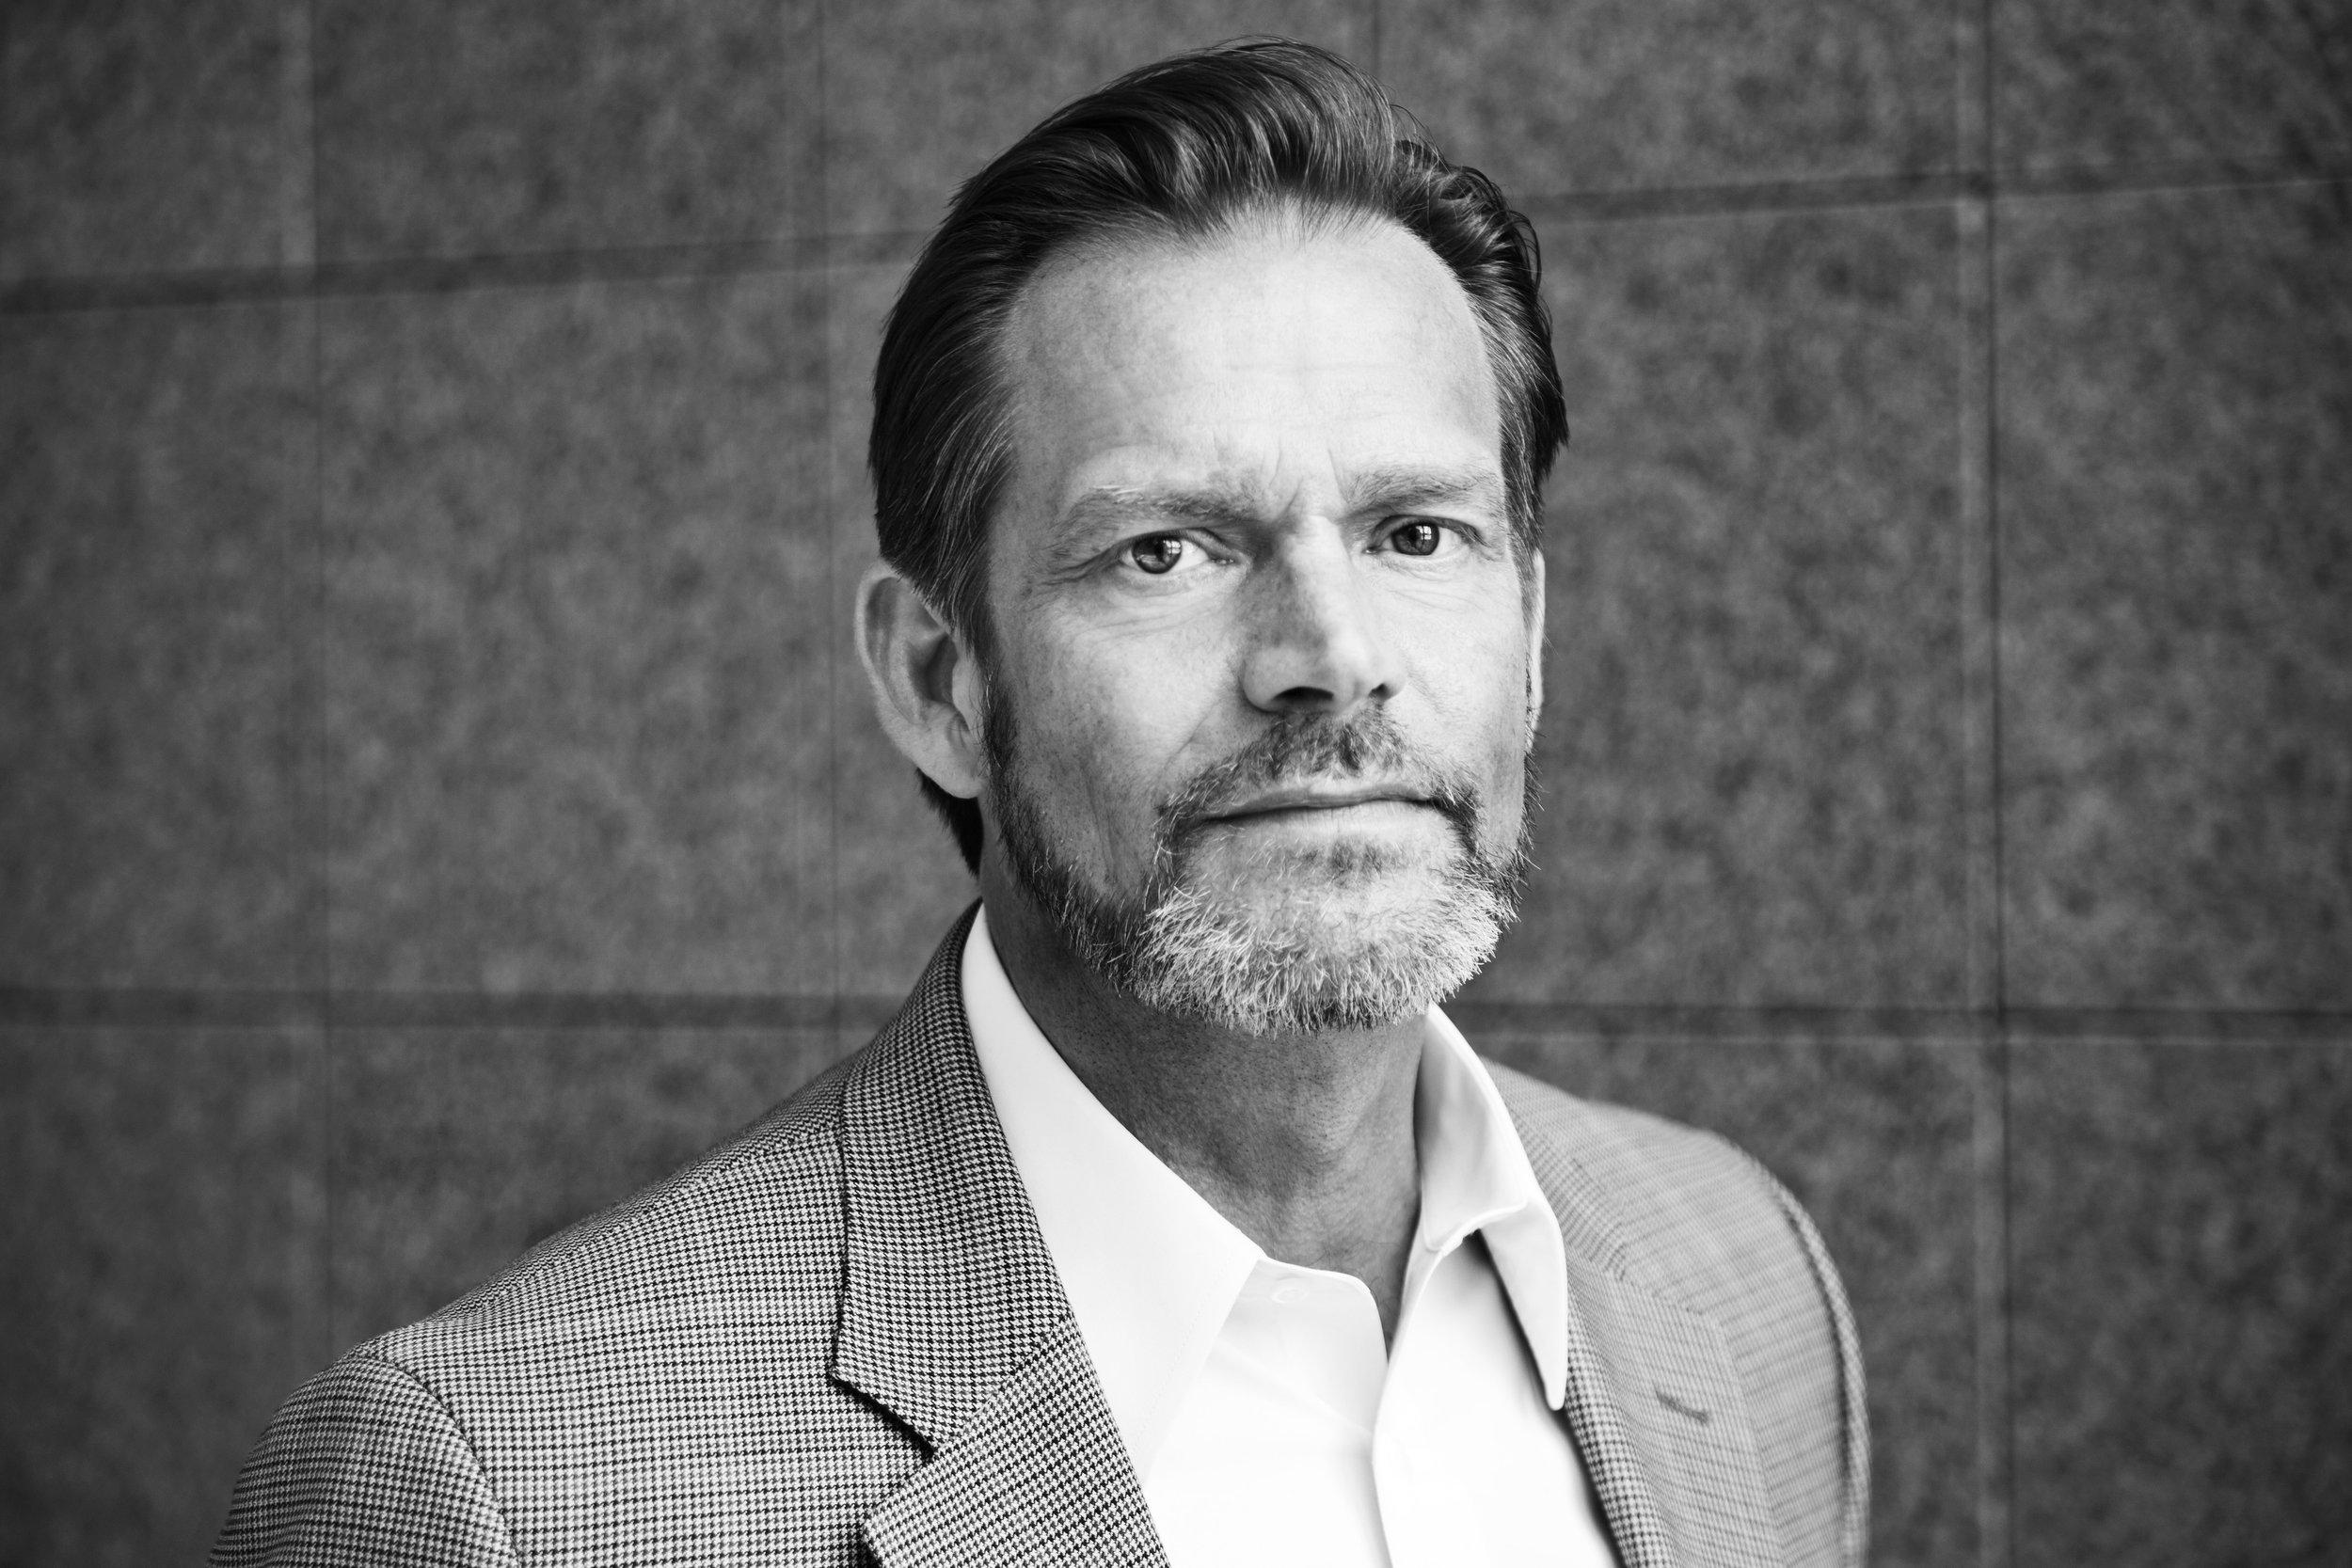 Mark Benninghofen, (Todd, 51)